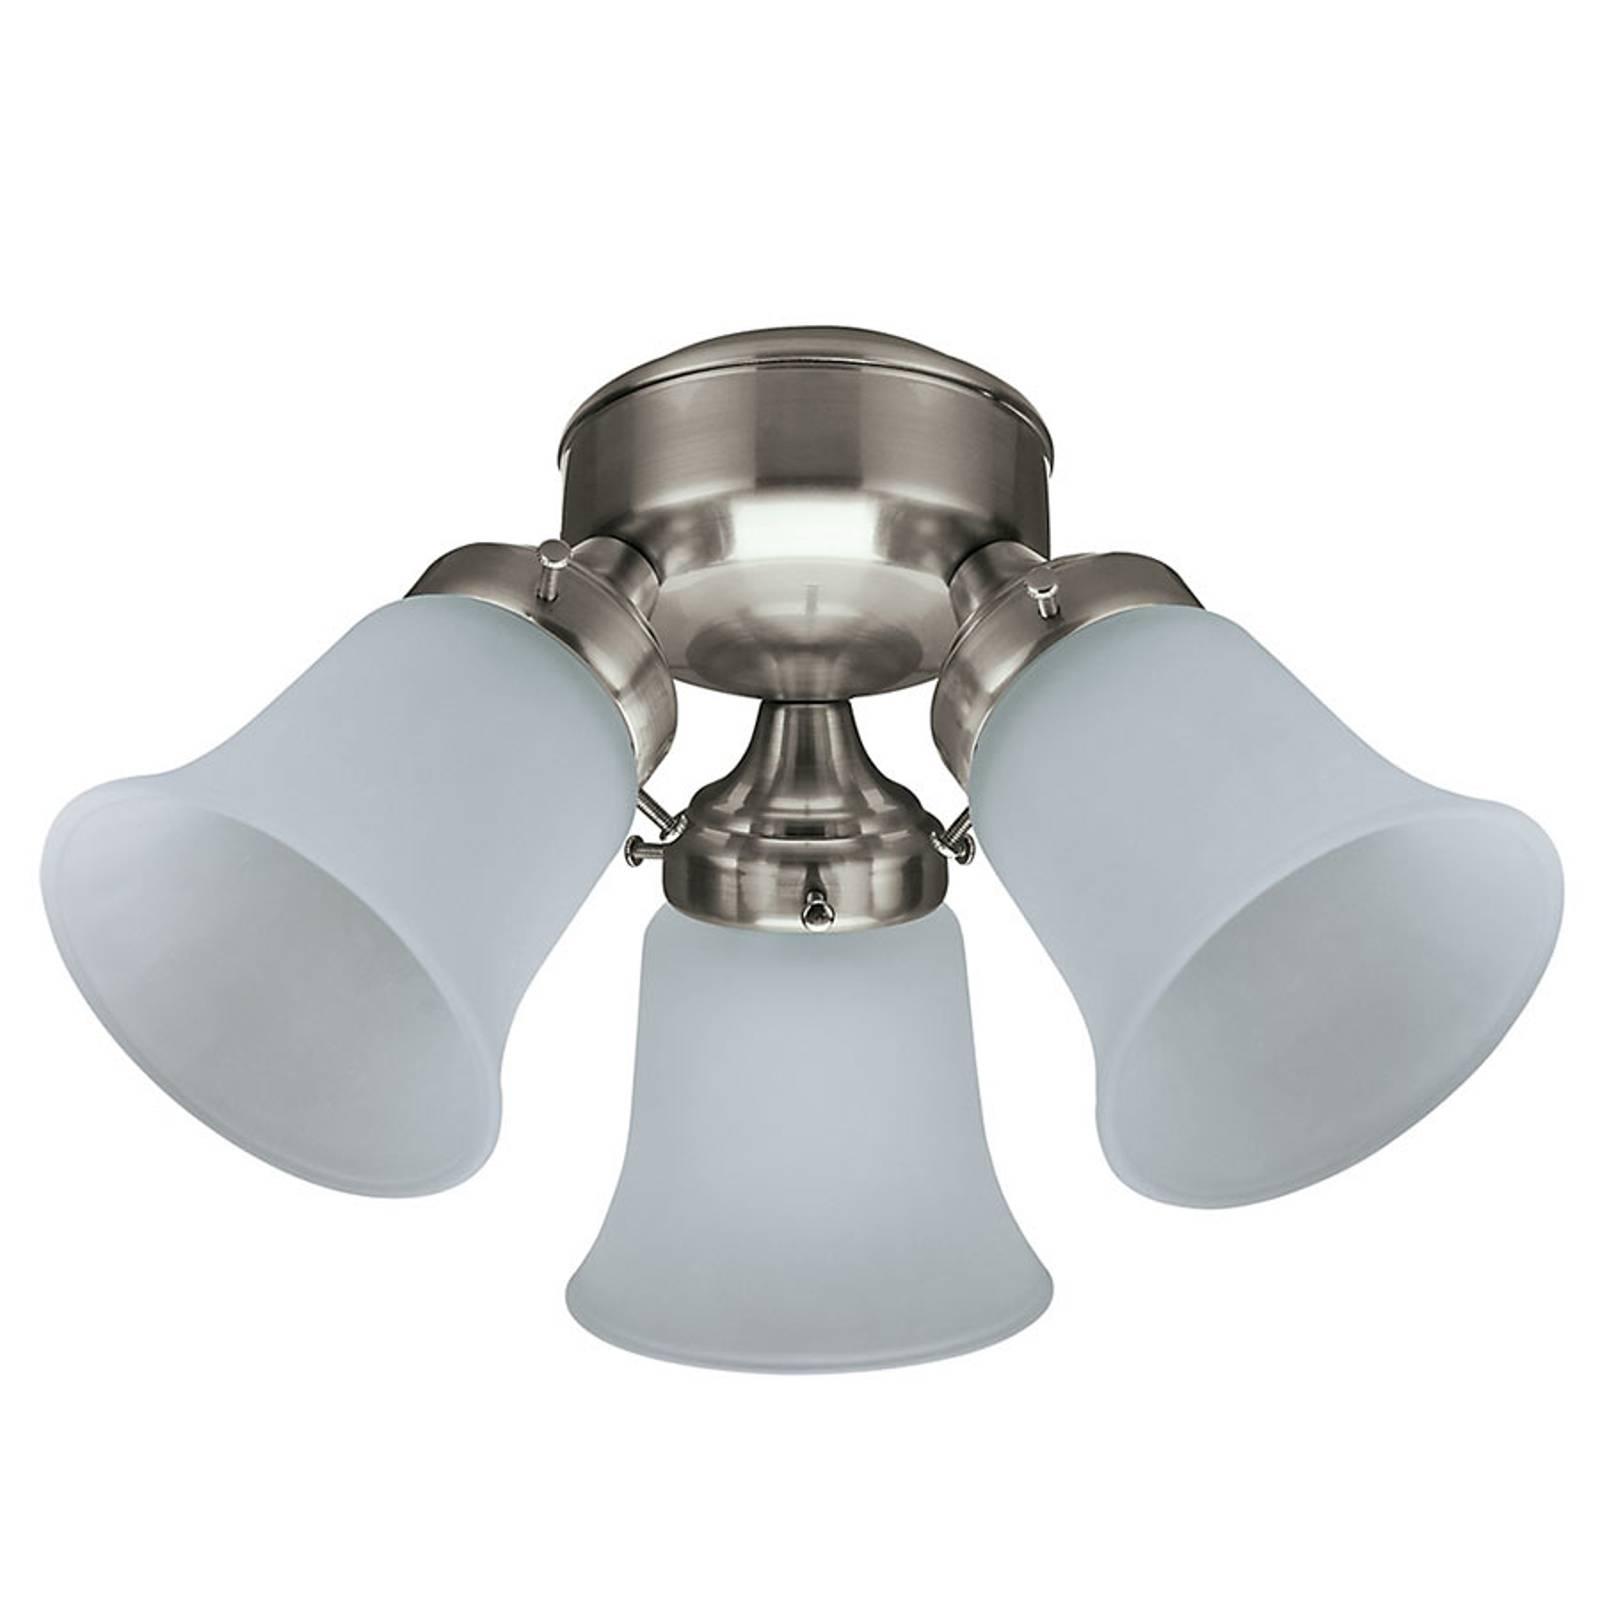 Lampe til loftventilatorer Hunter, nikkel